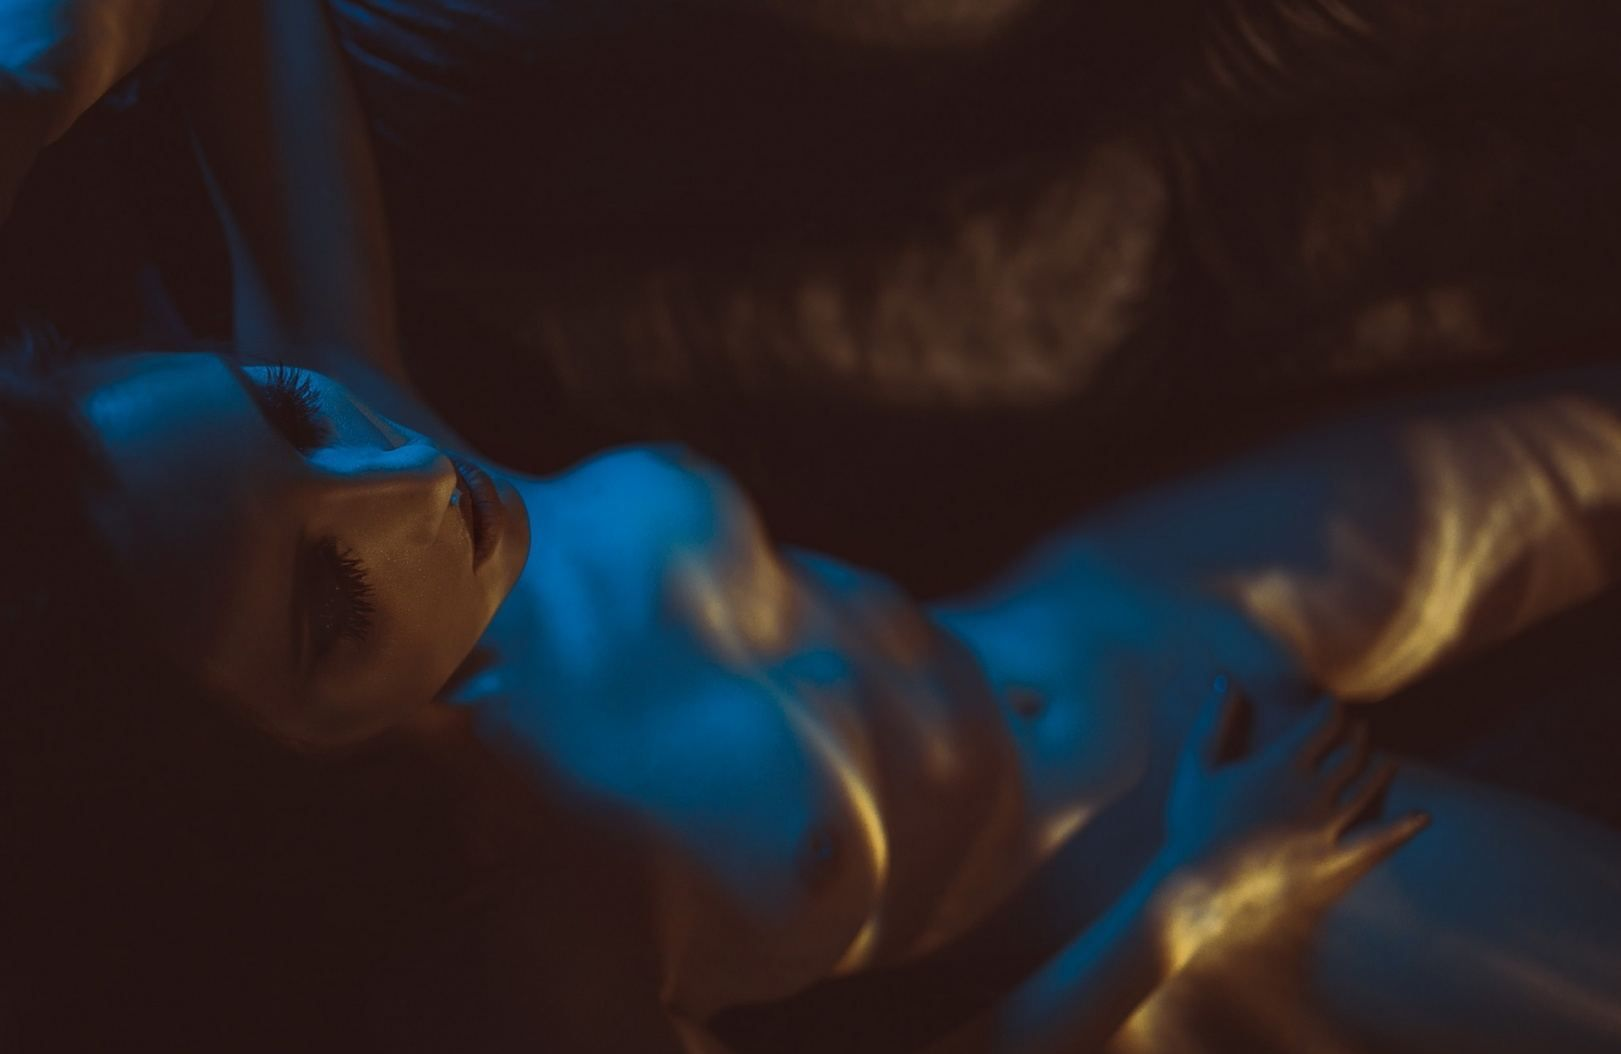 Jessica Sosnowski Nude Leaked Nudes 0009